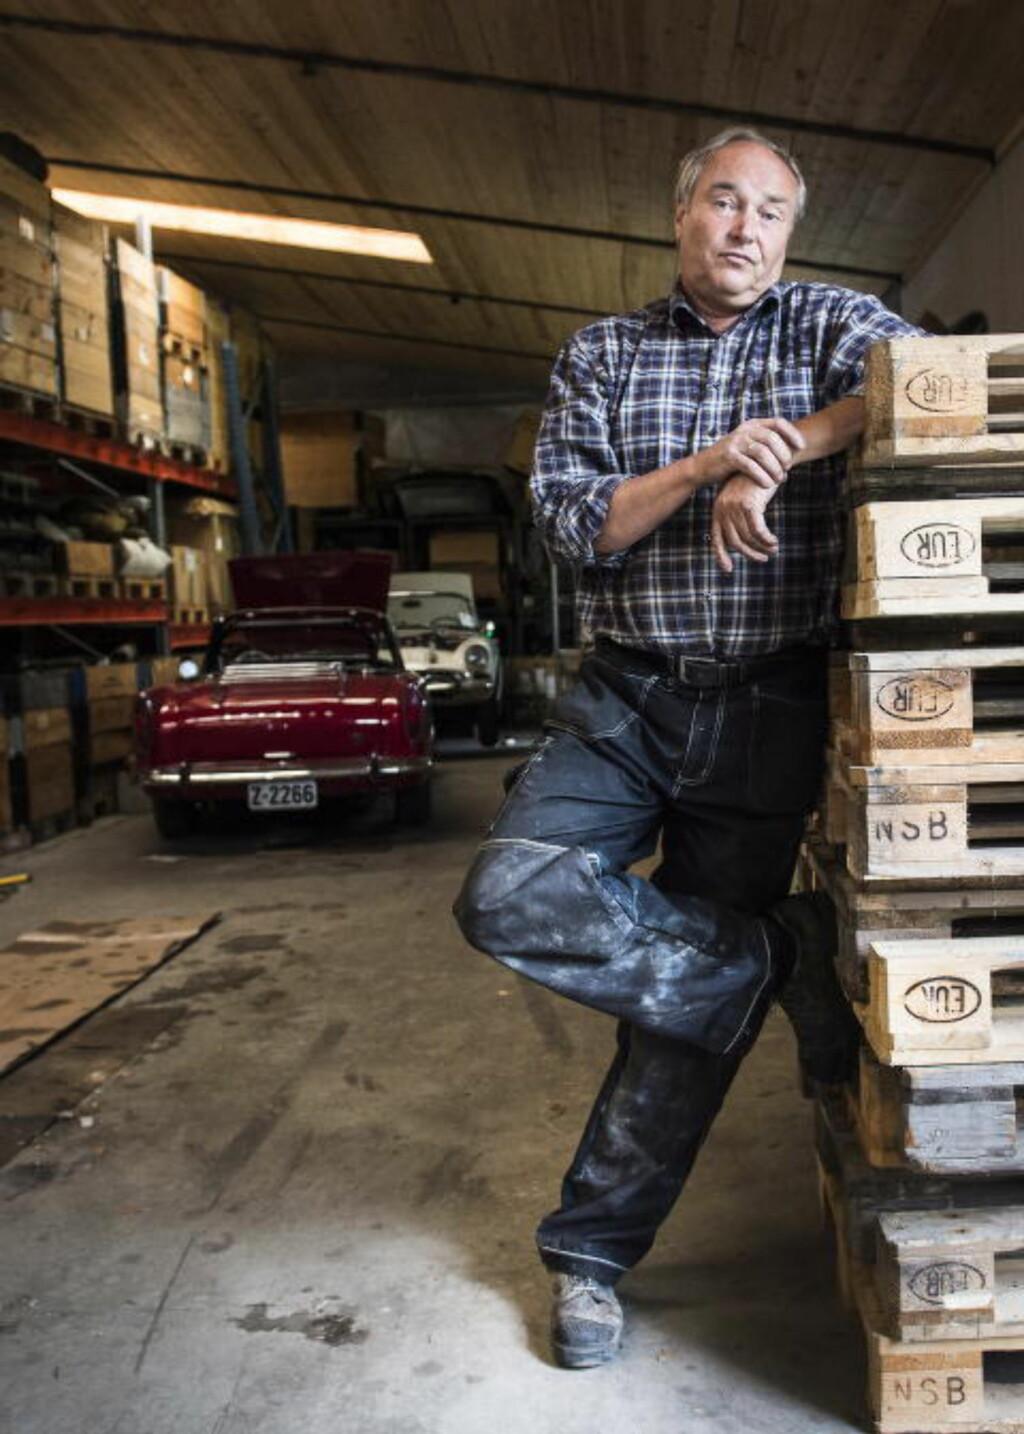 AGENTEN: Harald Wærpen (61) var Andrew Jacksons agent i Norge. Han var tungt involvert i beltevognhandelen til Sudan, og sier vognene Forsvaret solgte var «klar til strid». Foto: Lars Eivind Bones / Dagbladet